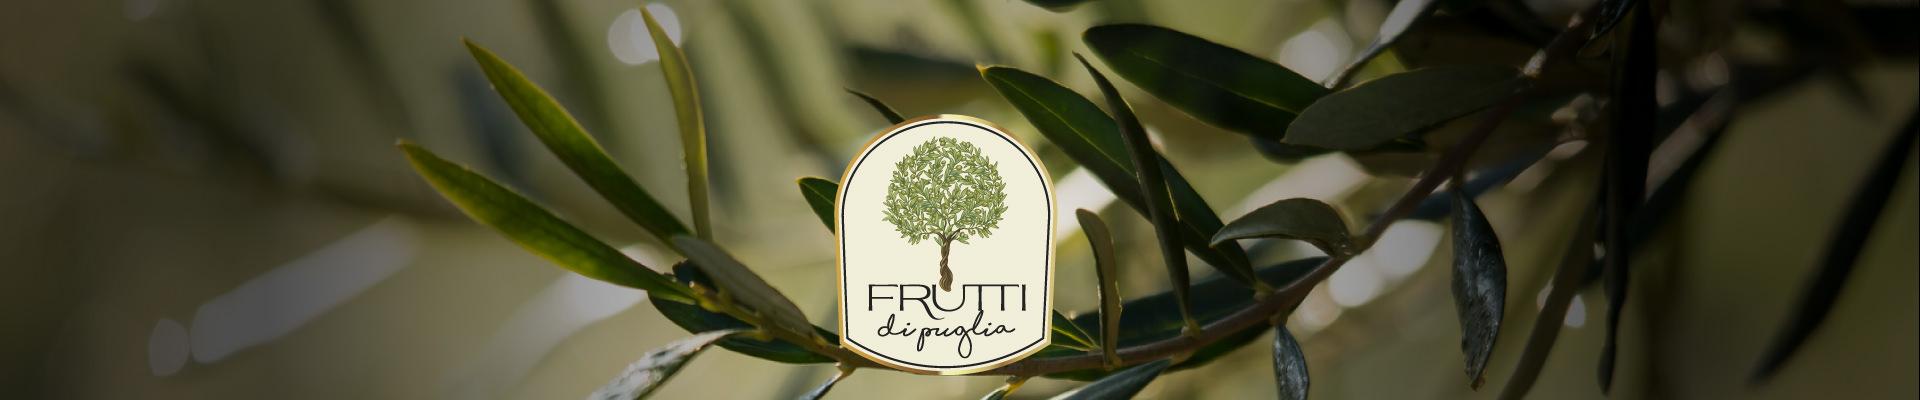 frutti-di-puglia